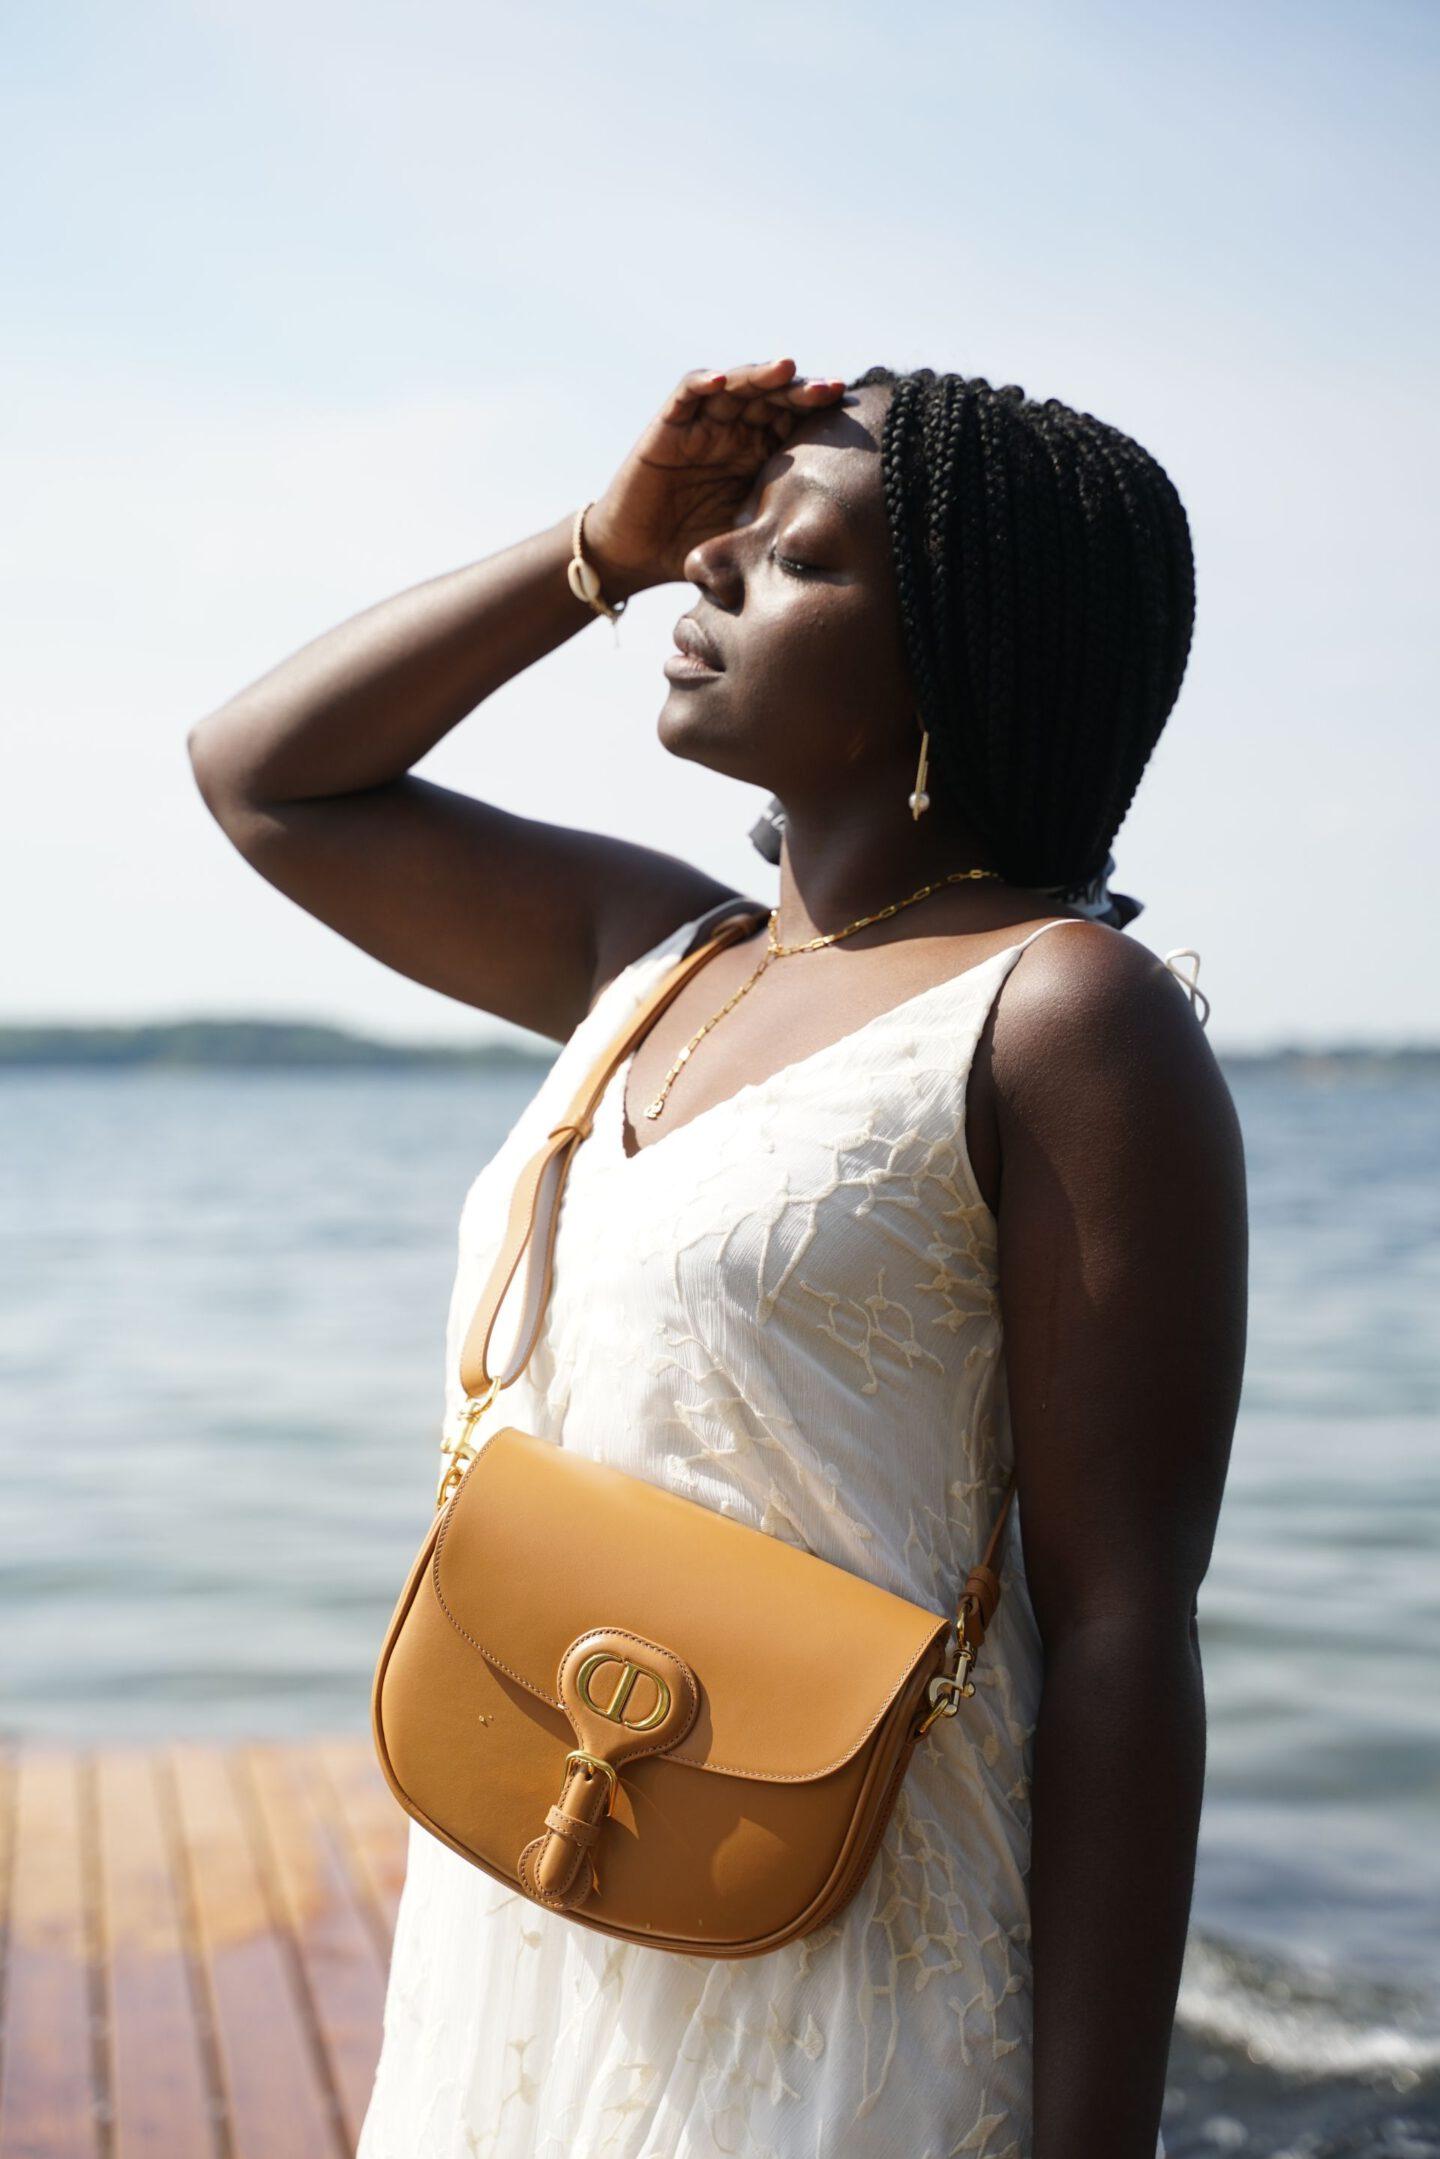 dior bobby bag dior at sea x Lois Opoku